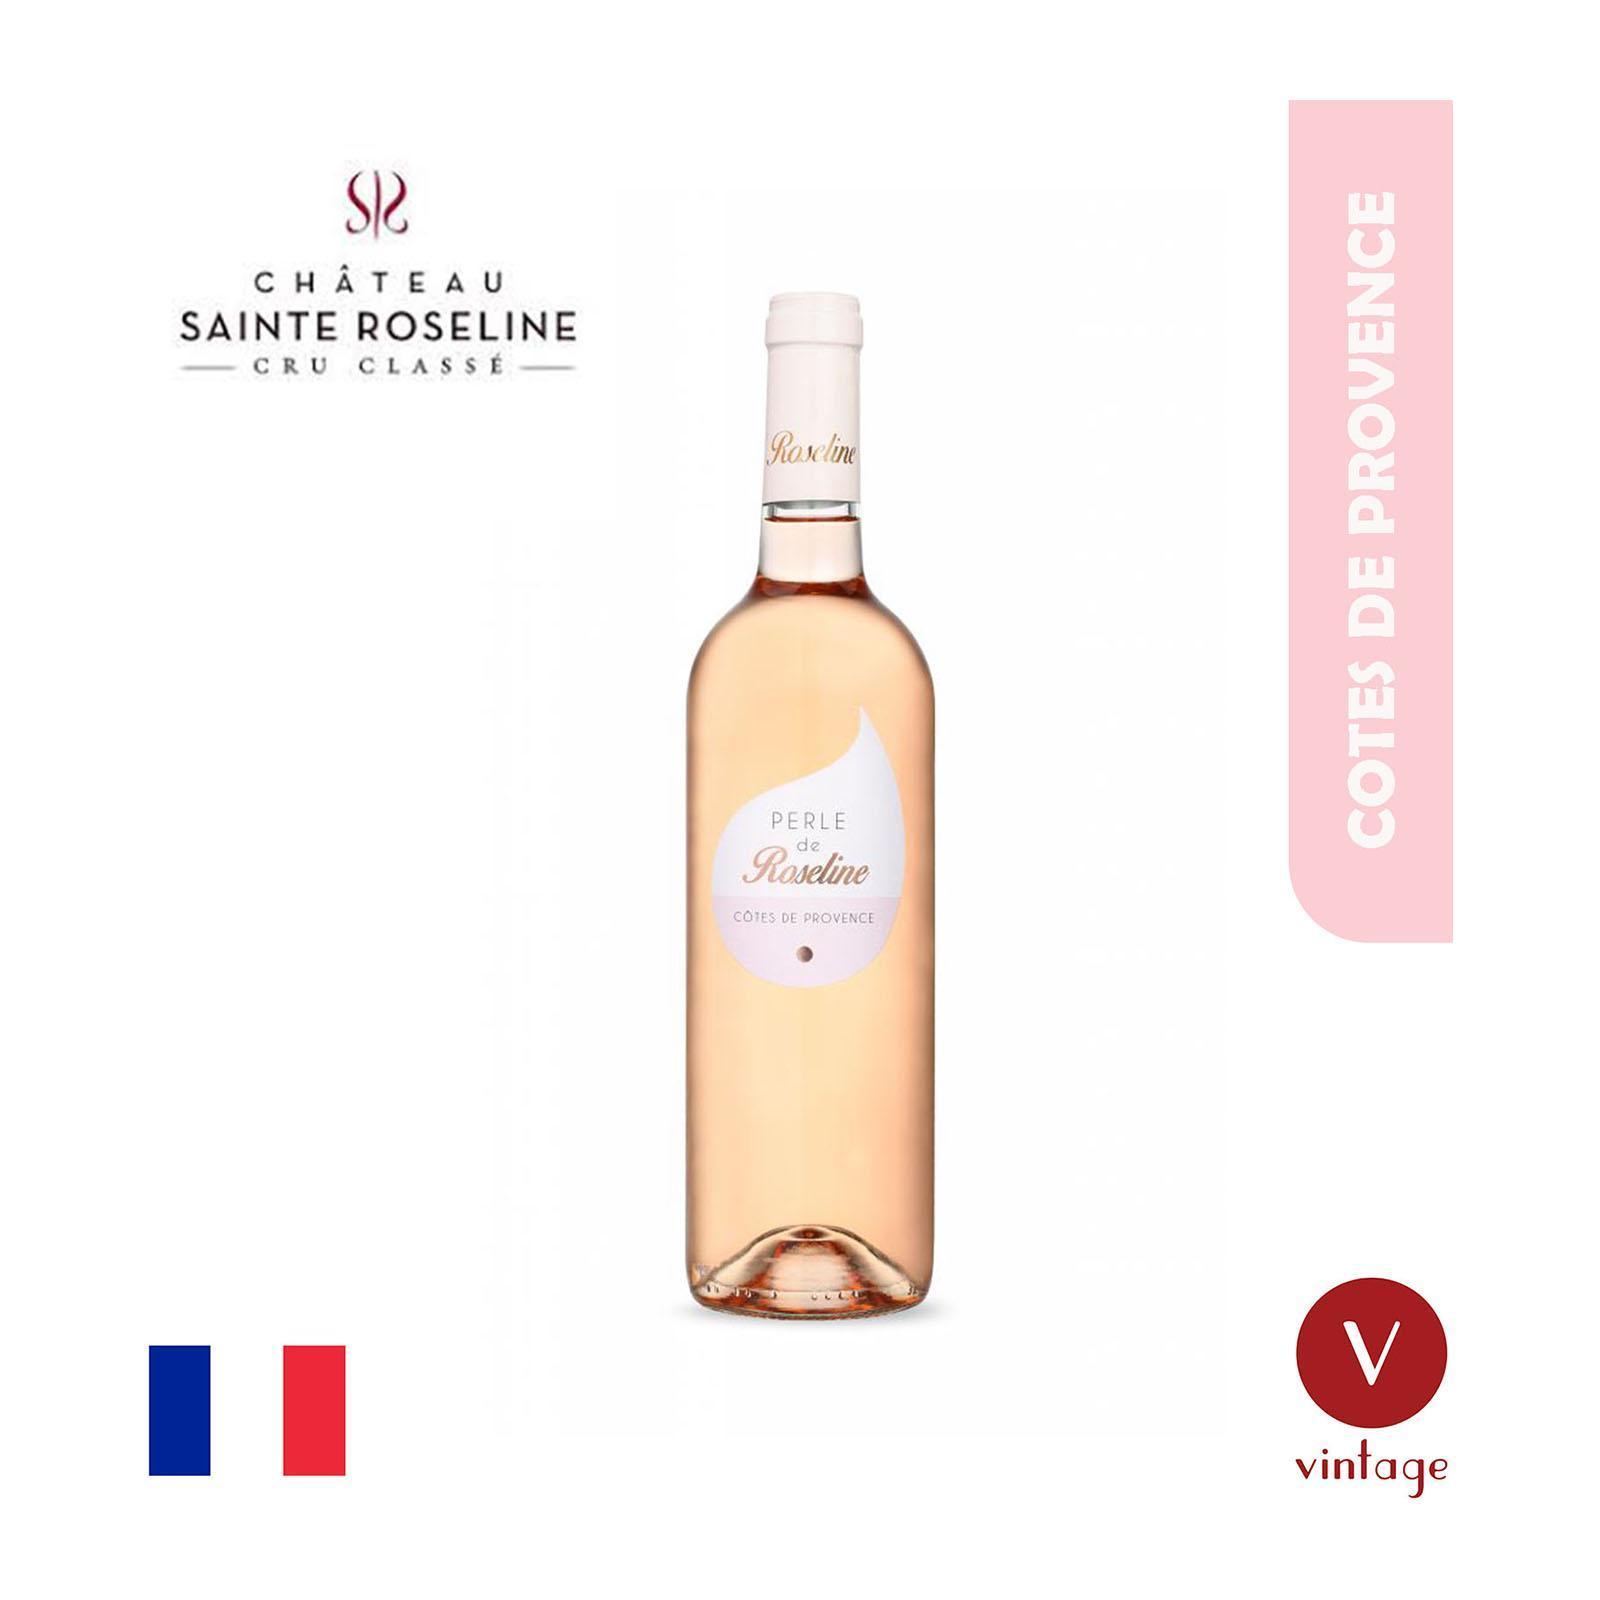 Chateau Sainte Roseline Perle de Roseline - Cotes de Provence - Rose Wine